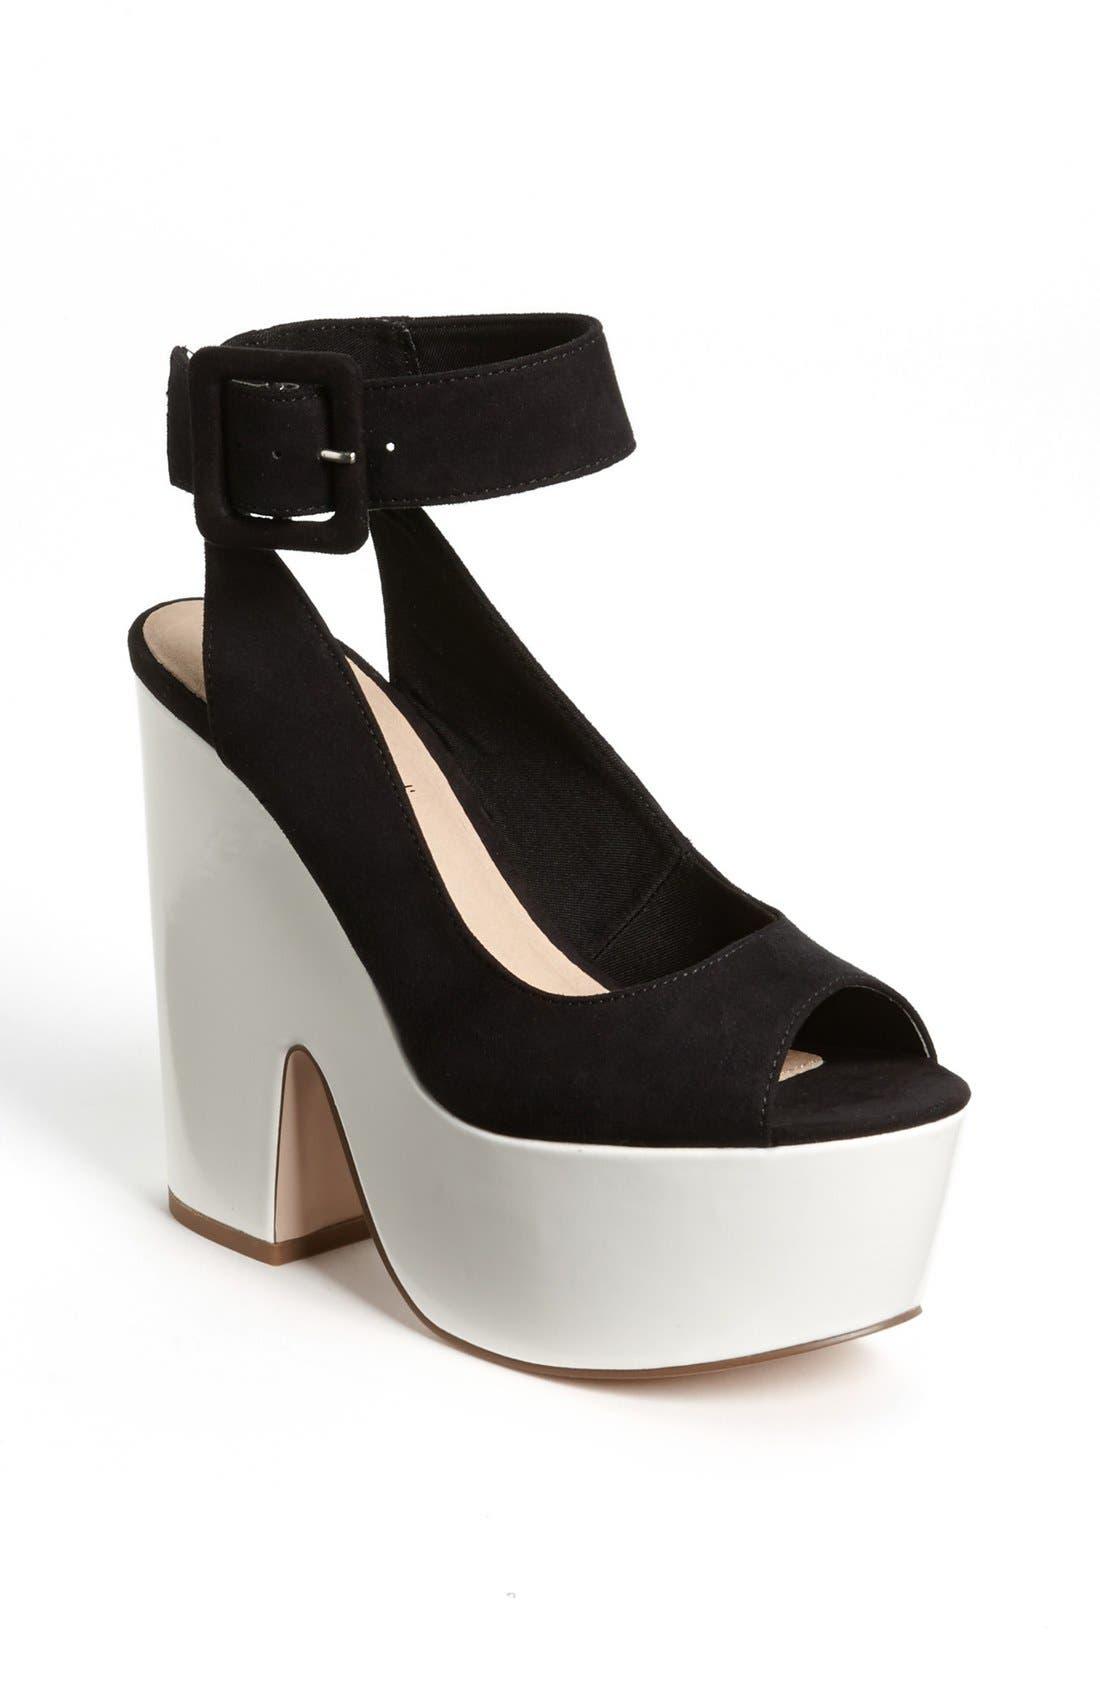 Main Image - Topshop 'Star' Ankle Strap Platform Sandal